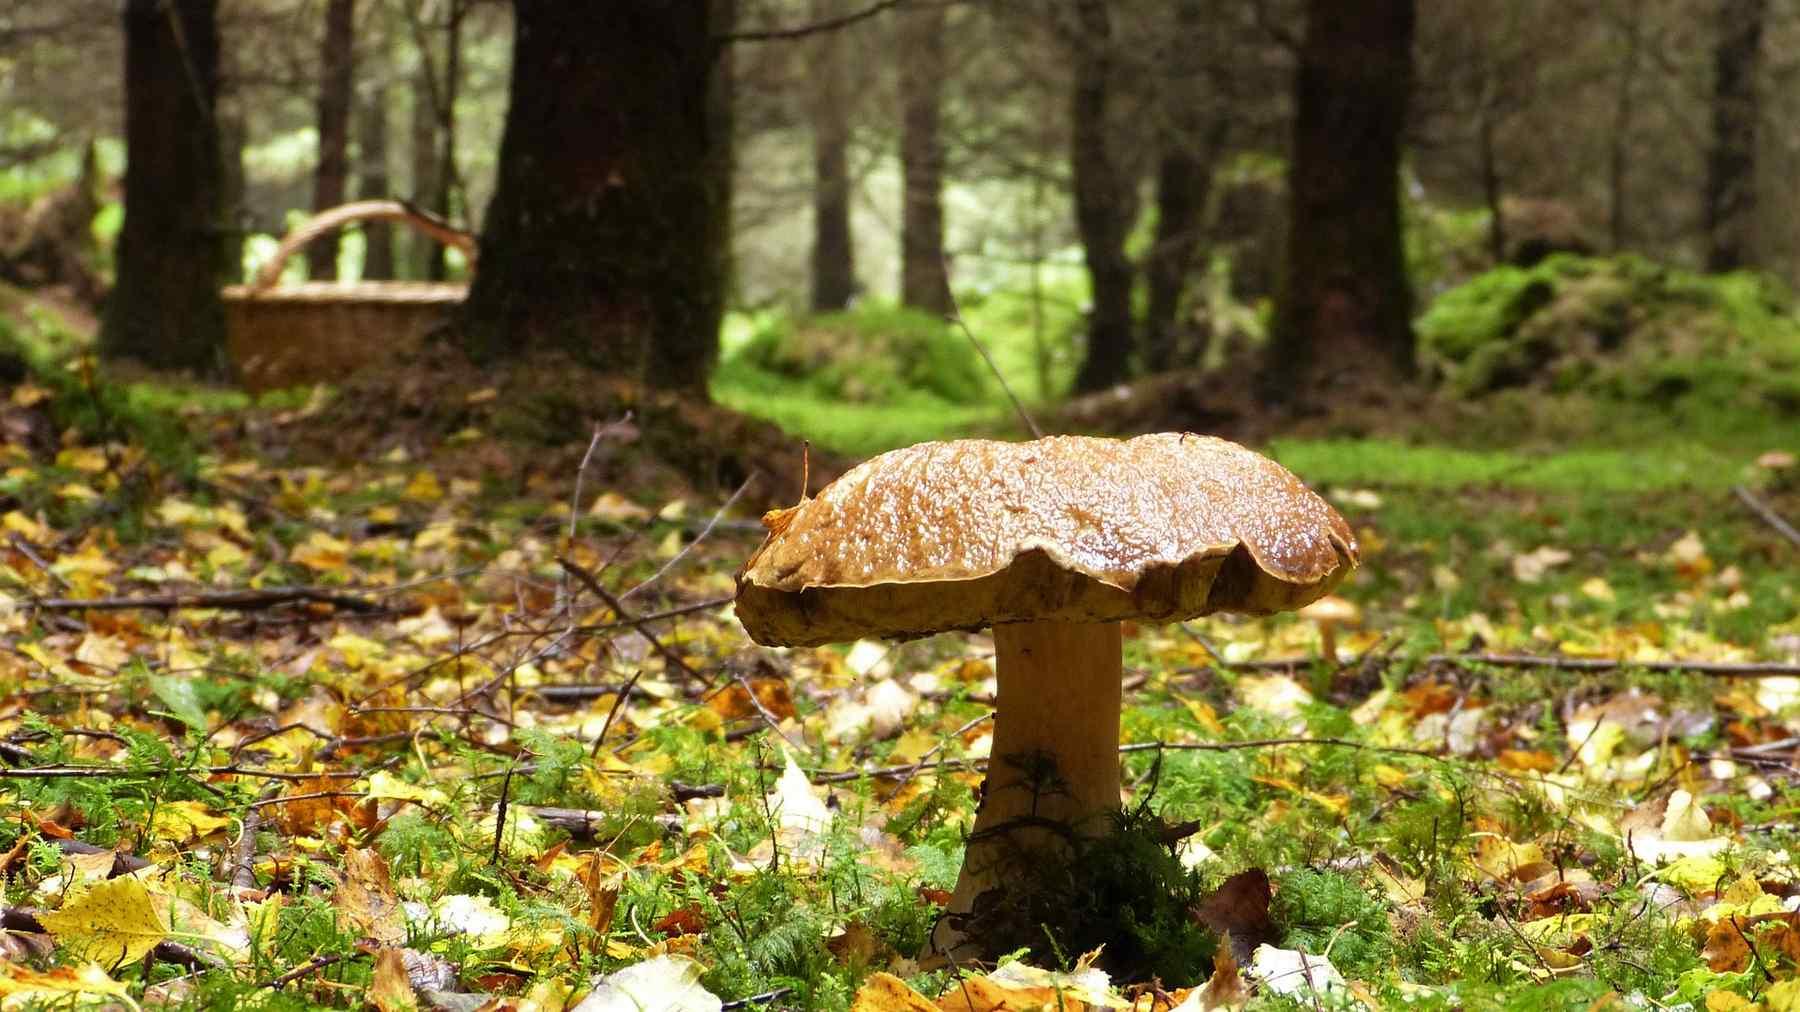 champignon © Capri23 -Pixabay 3686902_1920